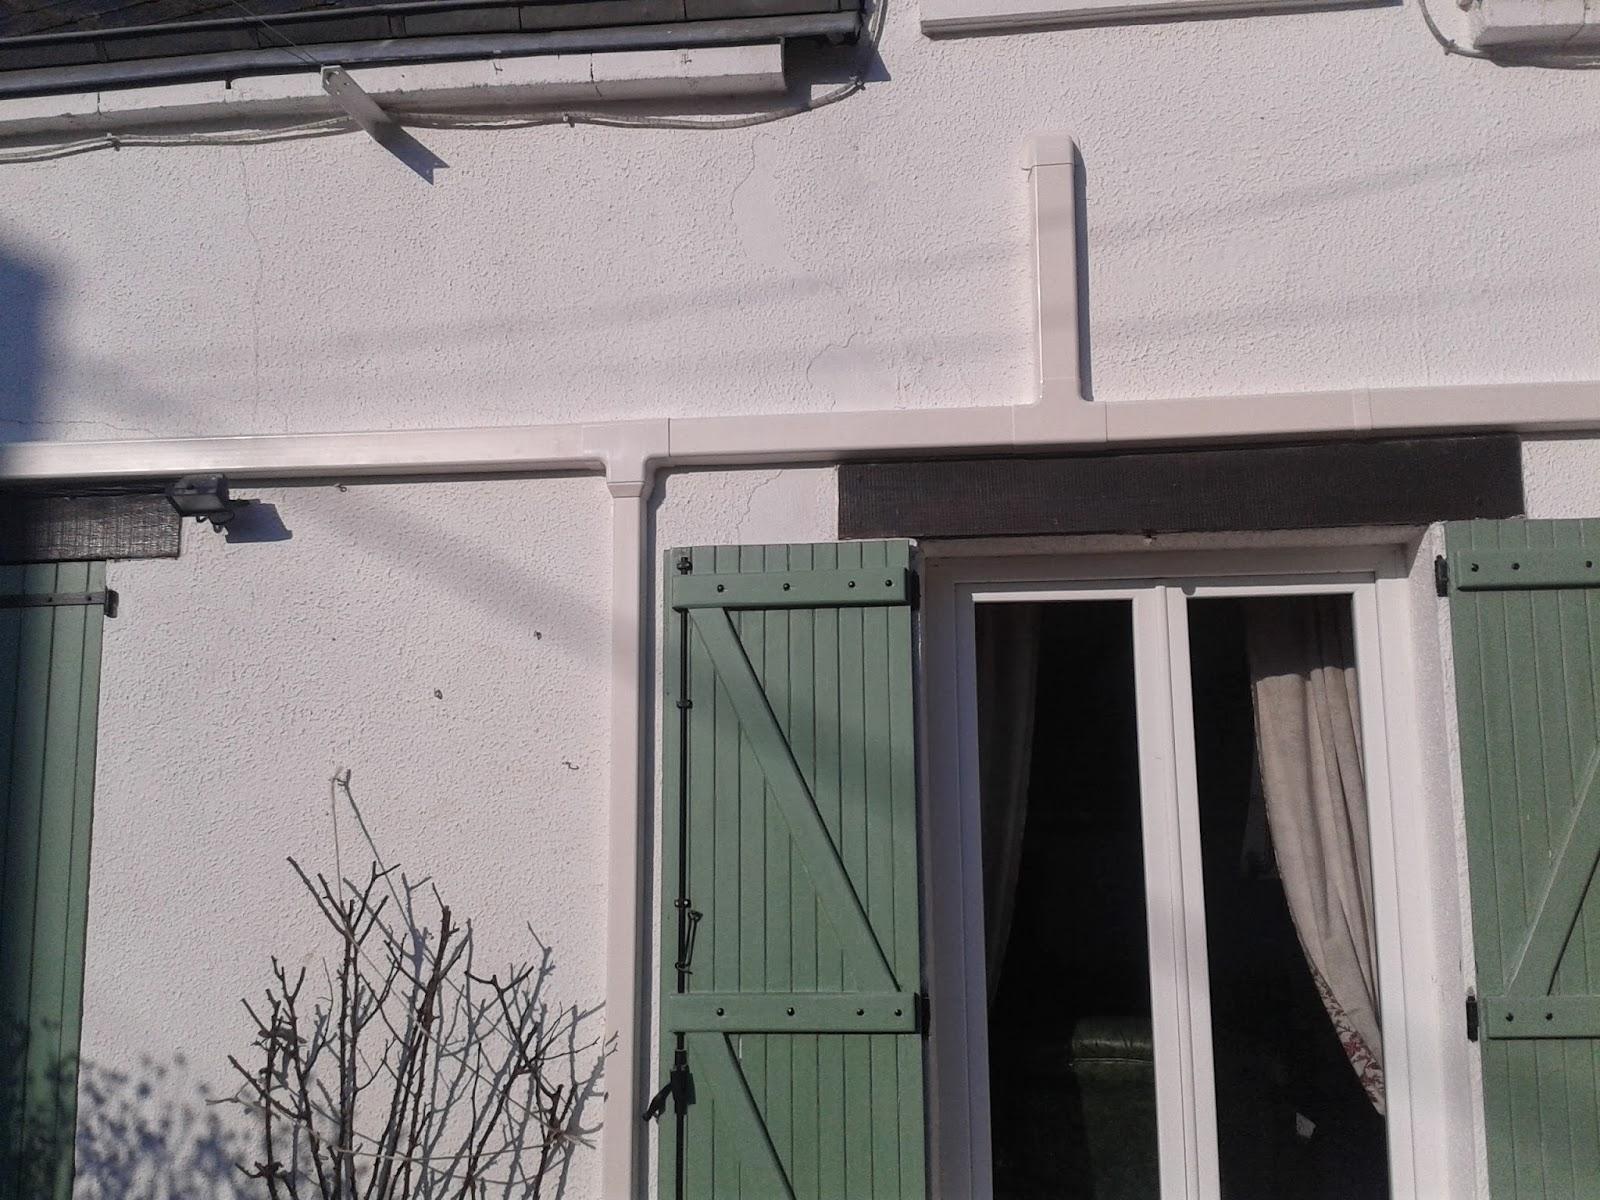 polair val de loire chauffage d 39 une maison ancienne. Black Bedroom Furniture Sets. Home Design Ideas